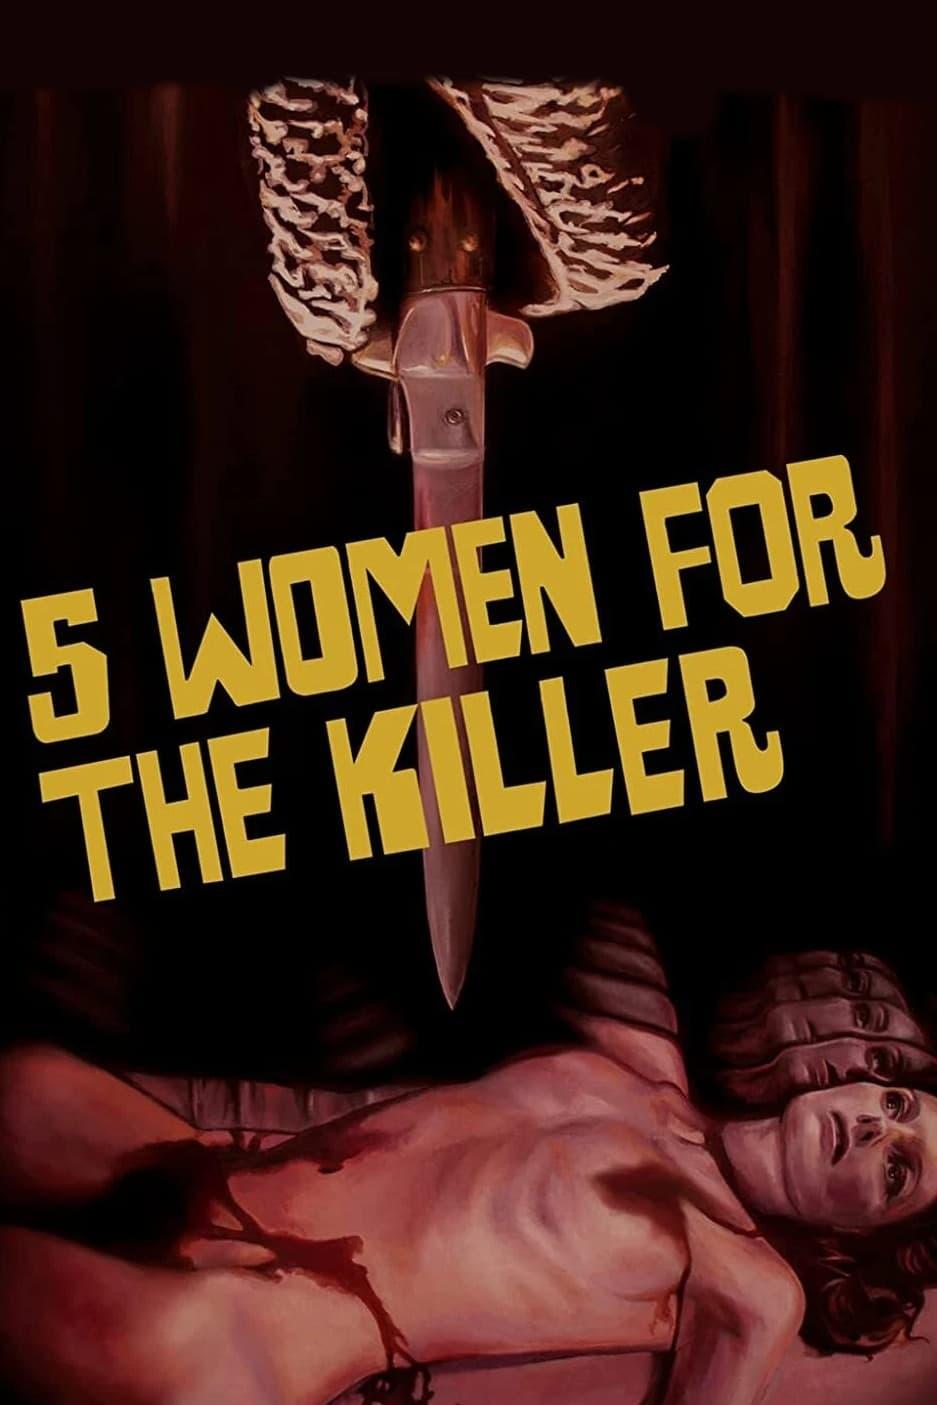 Five Women for the Killer